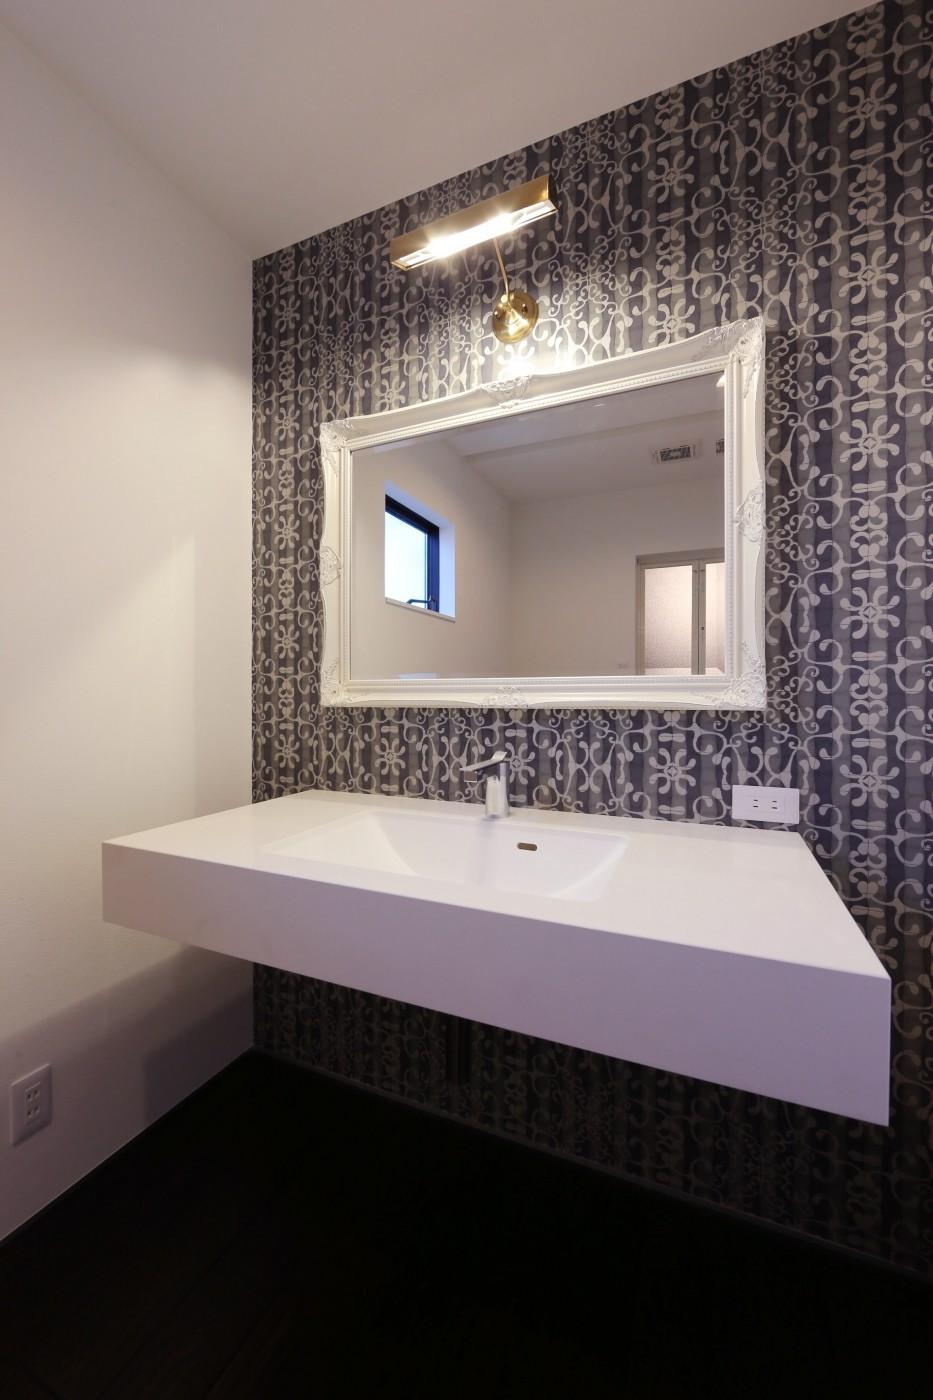 バス/トイレ事例:洗面所(こだわりの家具や雑貨の世界観を楽しめる家)